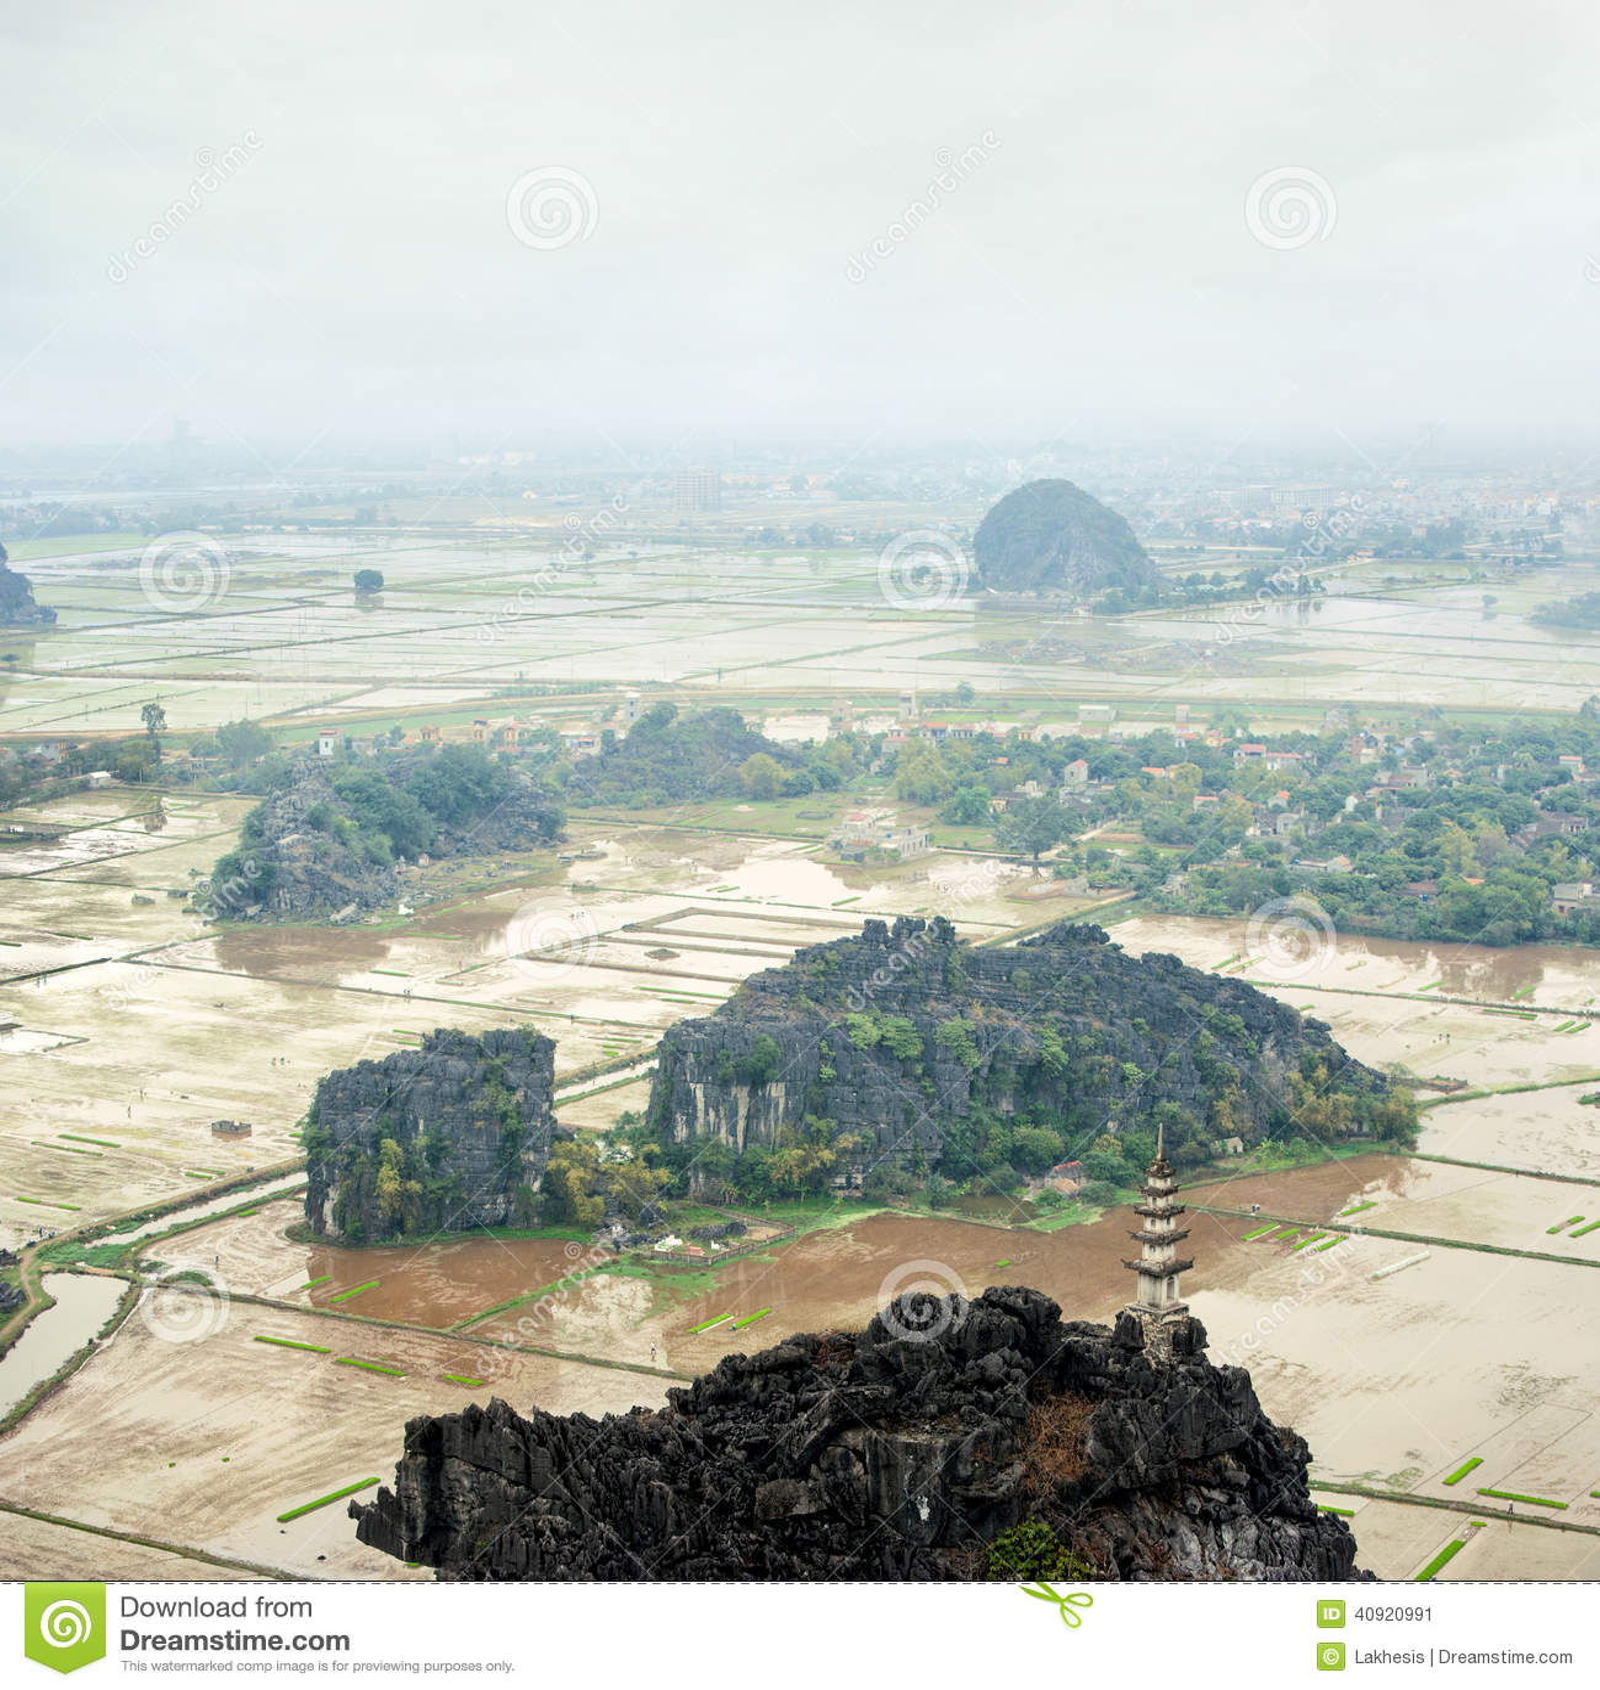 Amazing panorama view of the rice fields, Ninh Binh, Vietnam